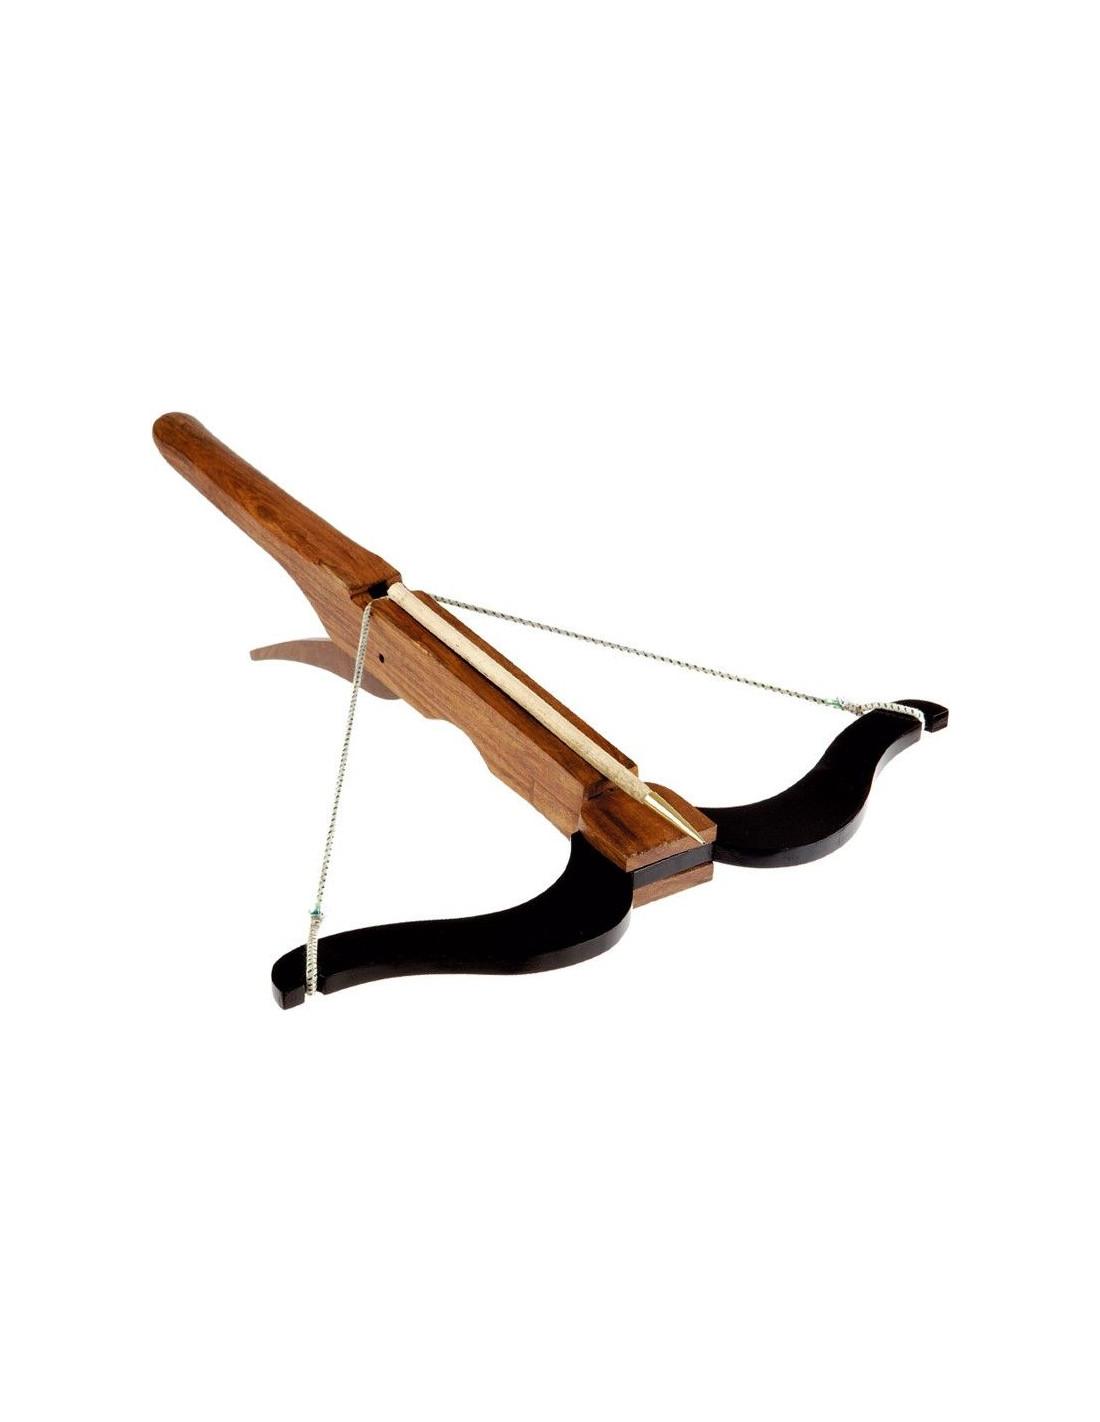 Ballesta medieval de madera - Comprar en Tienda Disfraces Bacanal ee9b3adbe21